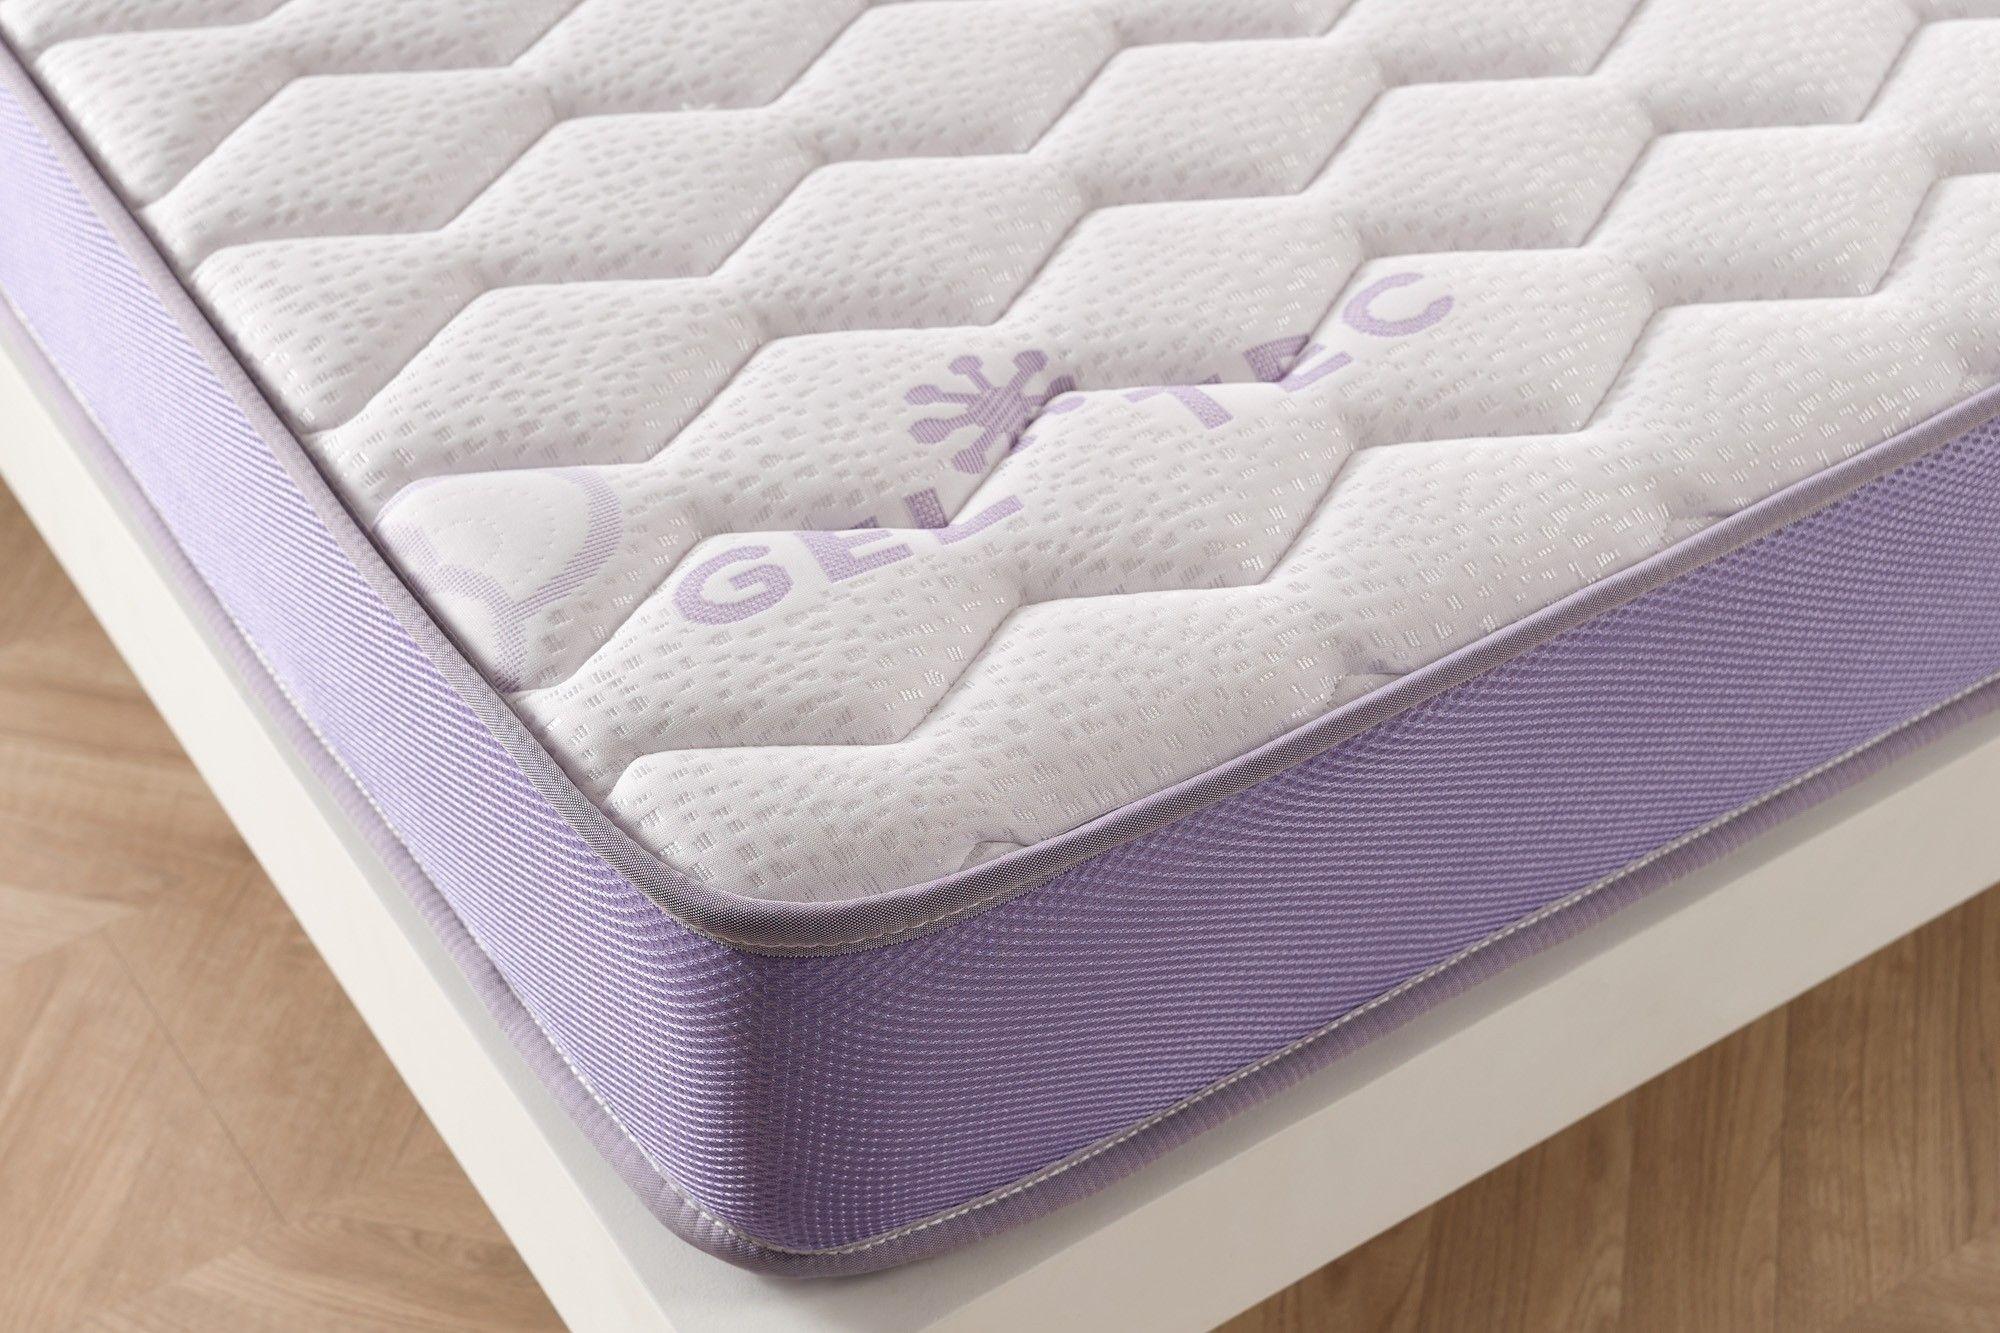 Armé du tissu épais SoftSensation double stretch Deluxe extra doux le matelas obtient une qualité de finition et de résistance supérieure.